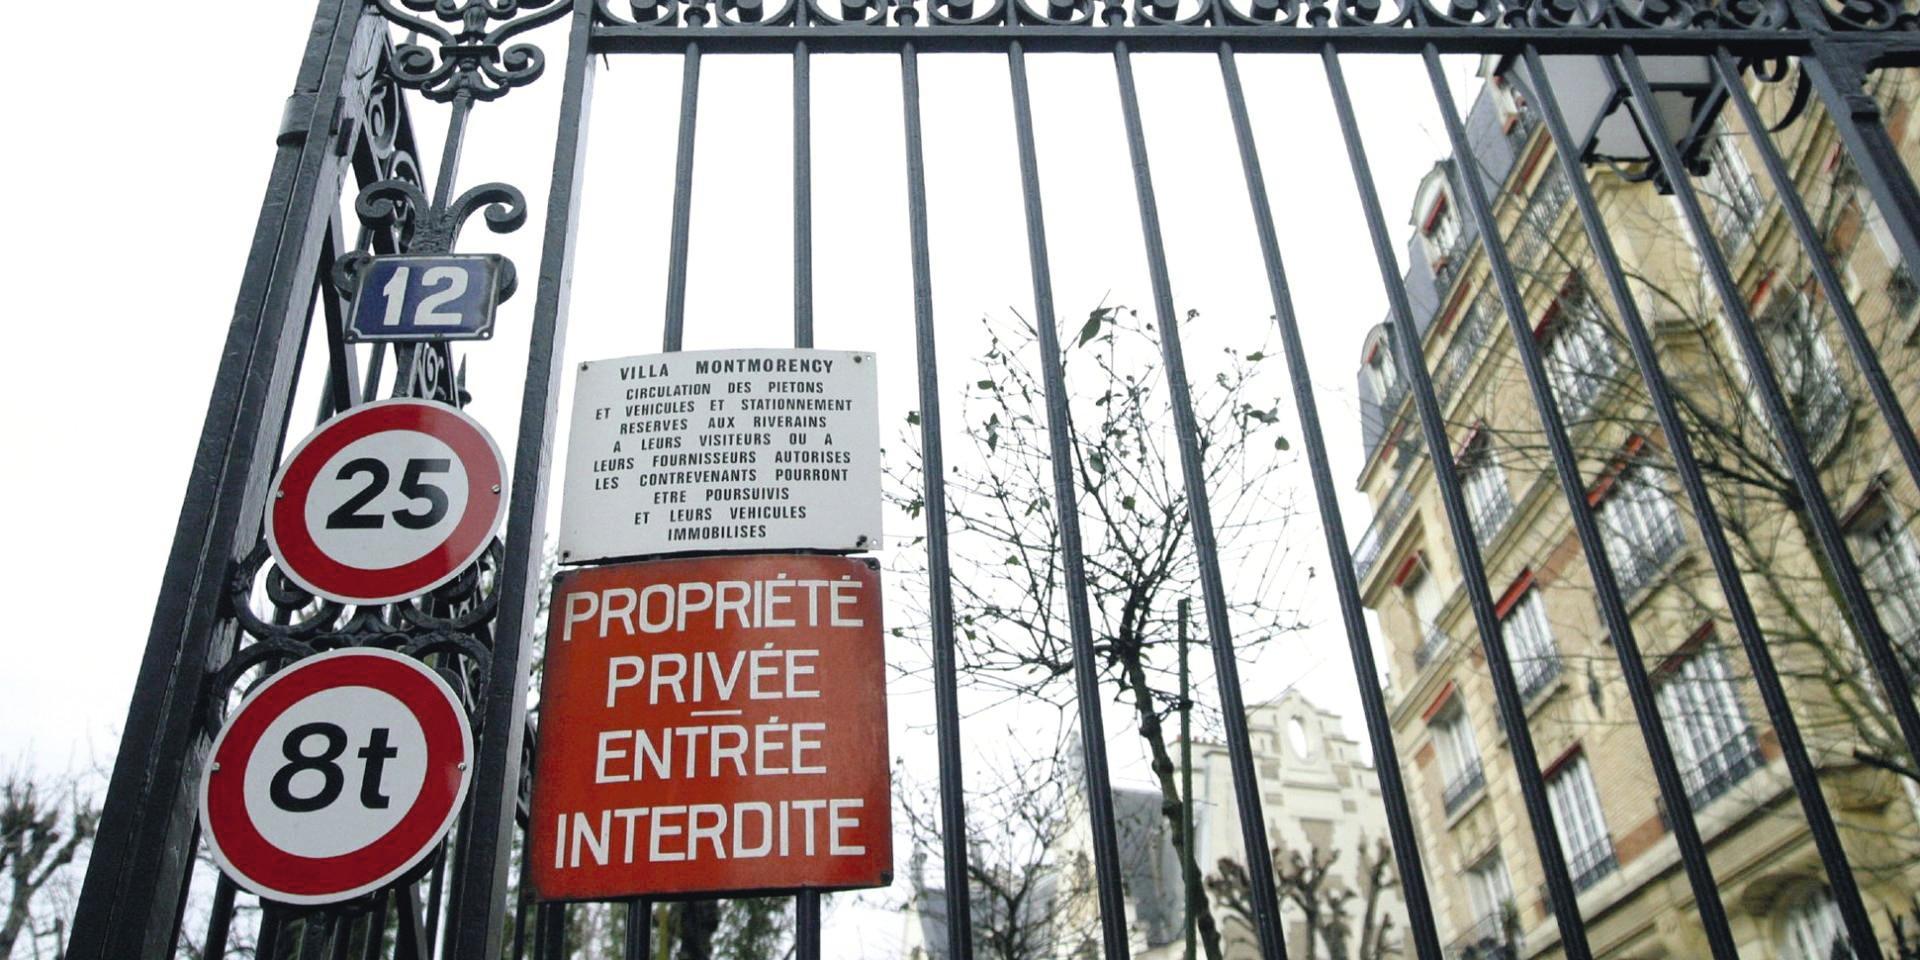 Photographie de l'entrée de la Villa Montmorency, L'Équipe.fr.